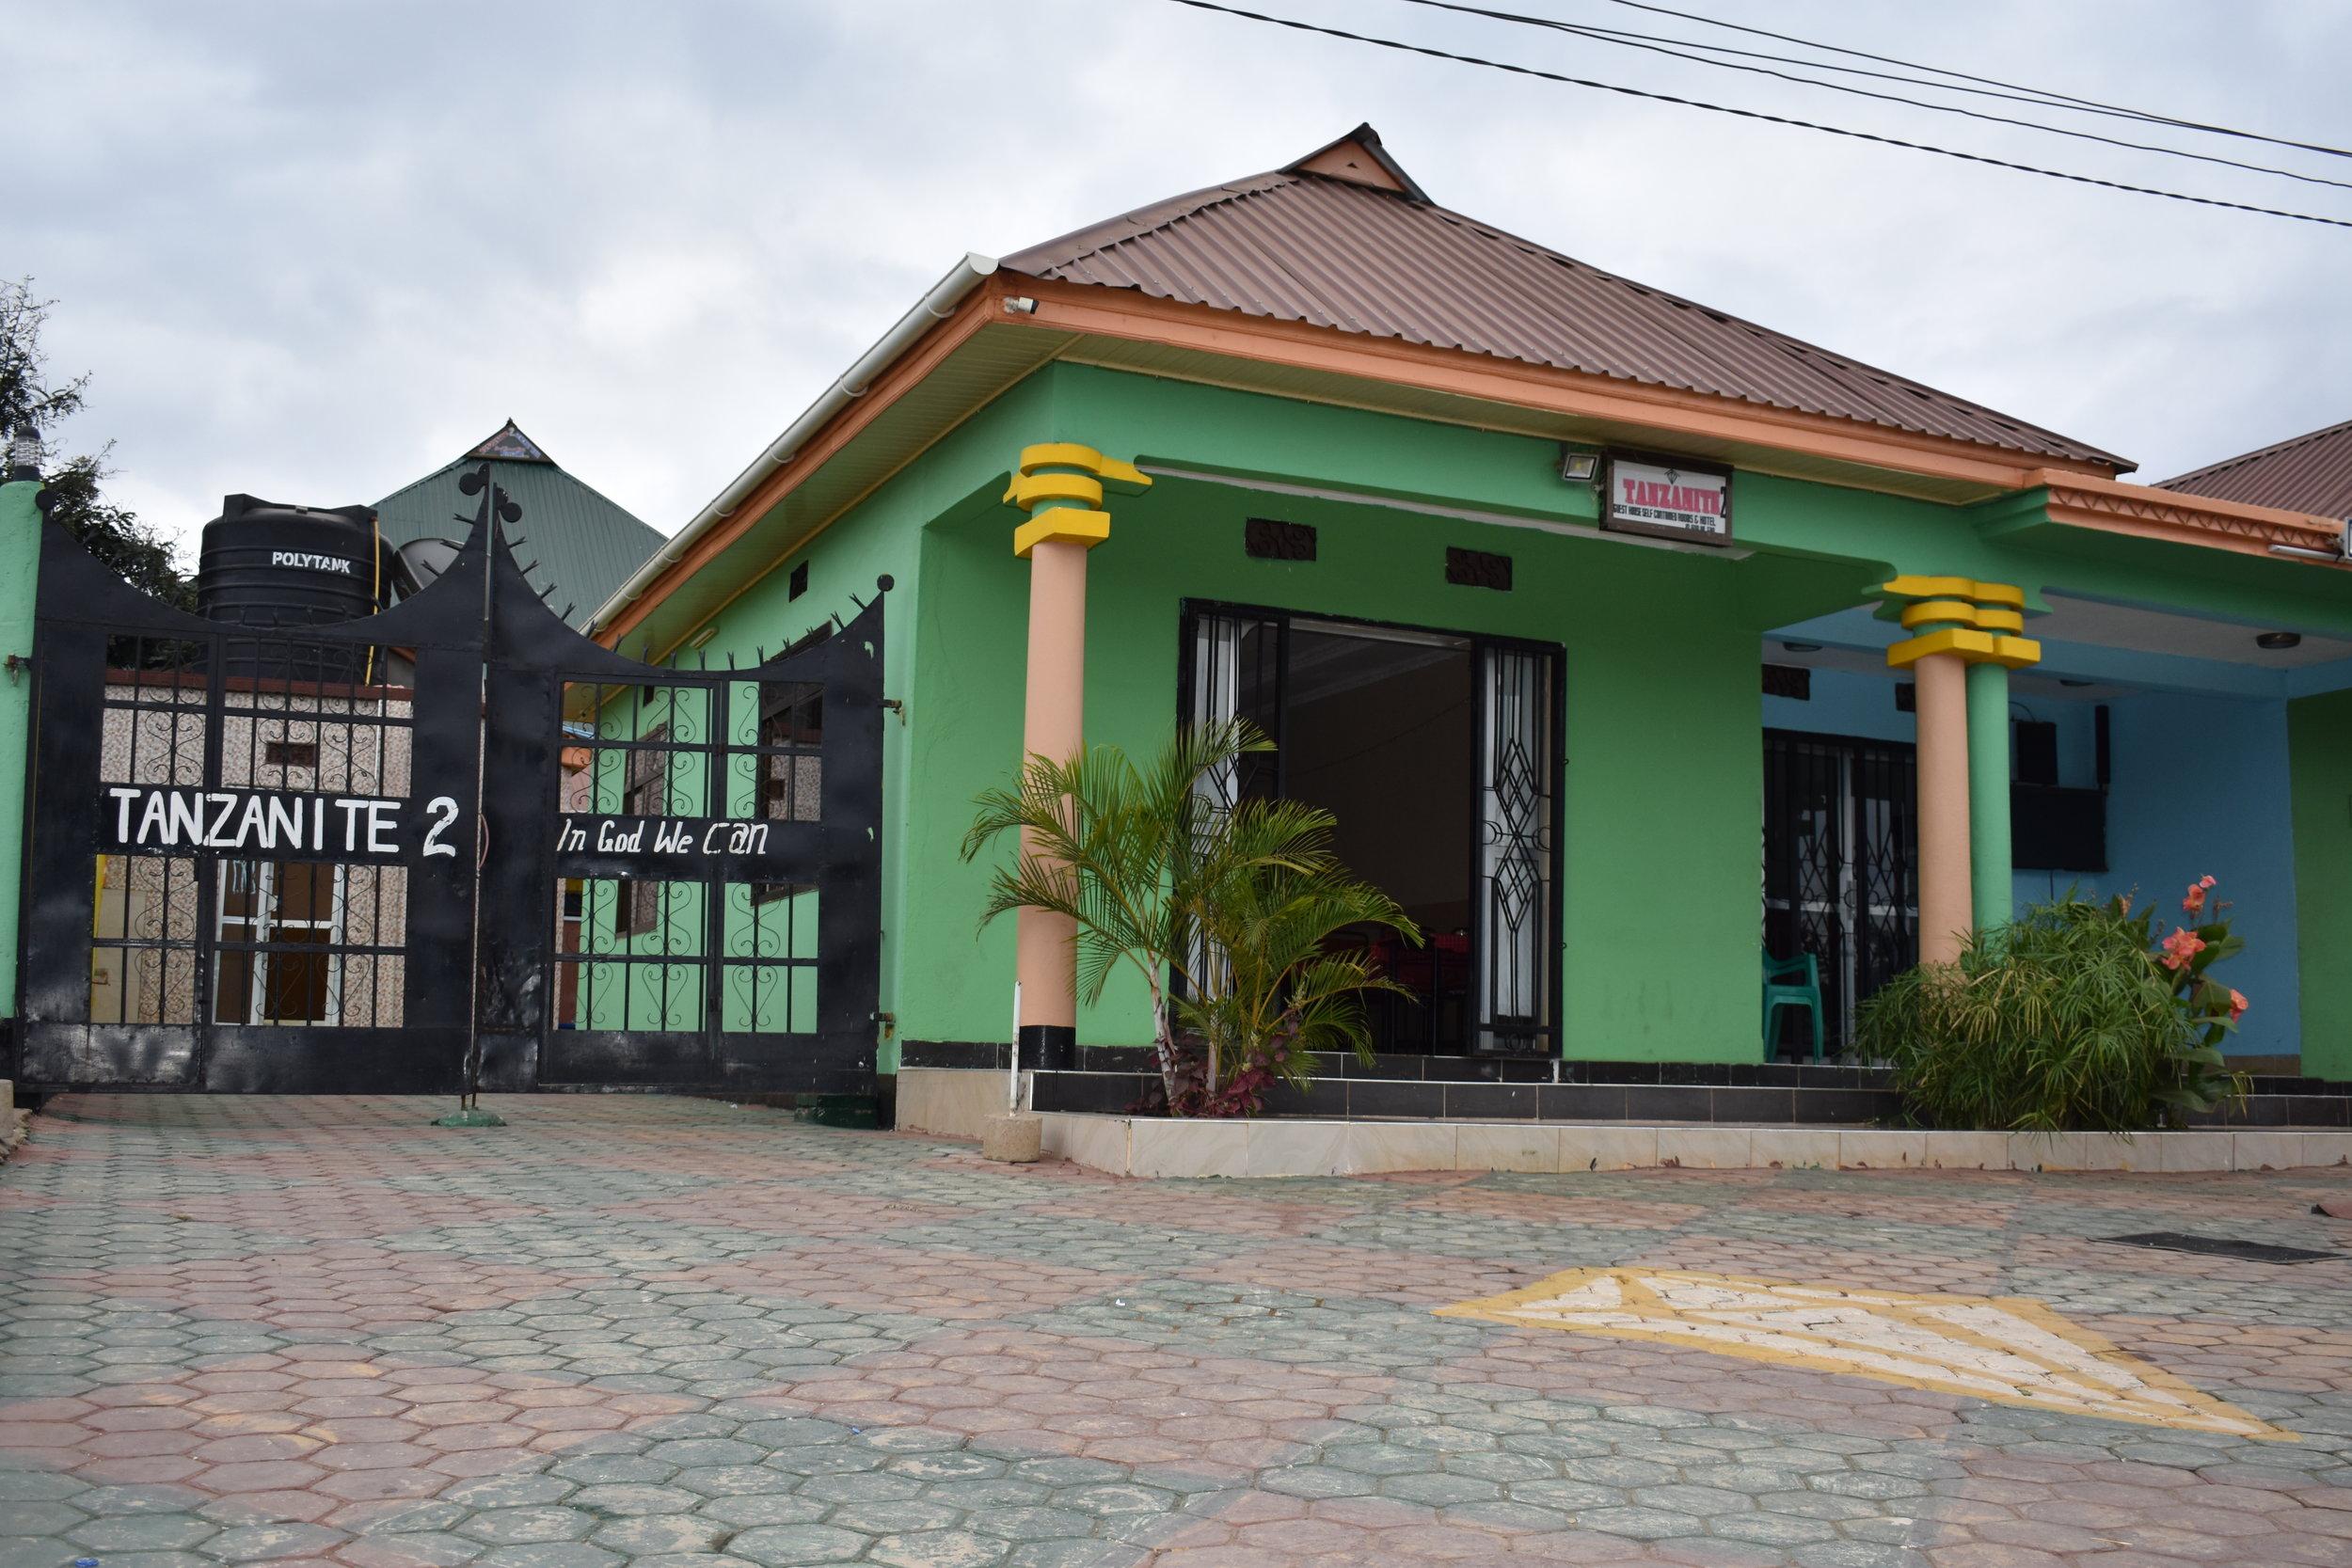 Das Tanzanite 2 Hotel in Makuyuni, Tansania (etwa 30min zu Fuß von der Schule entfernt)